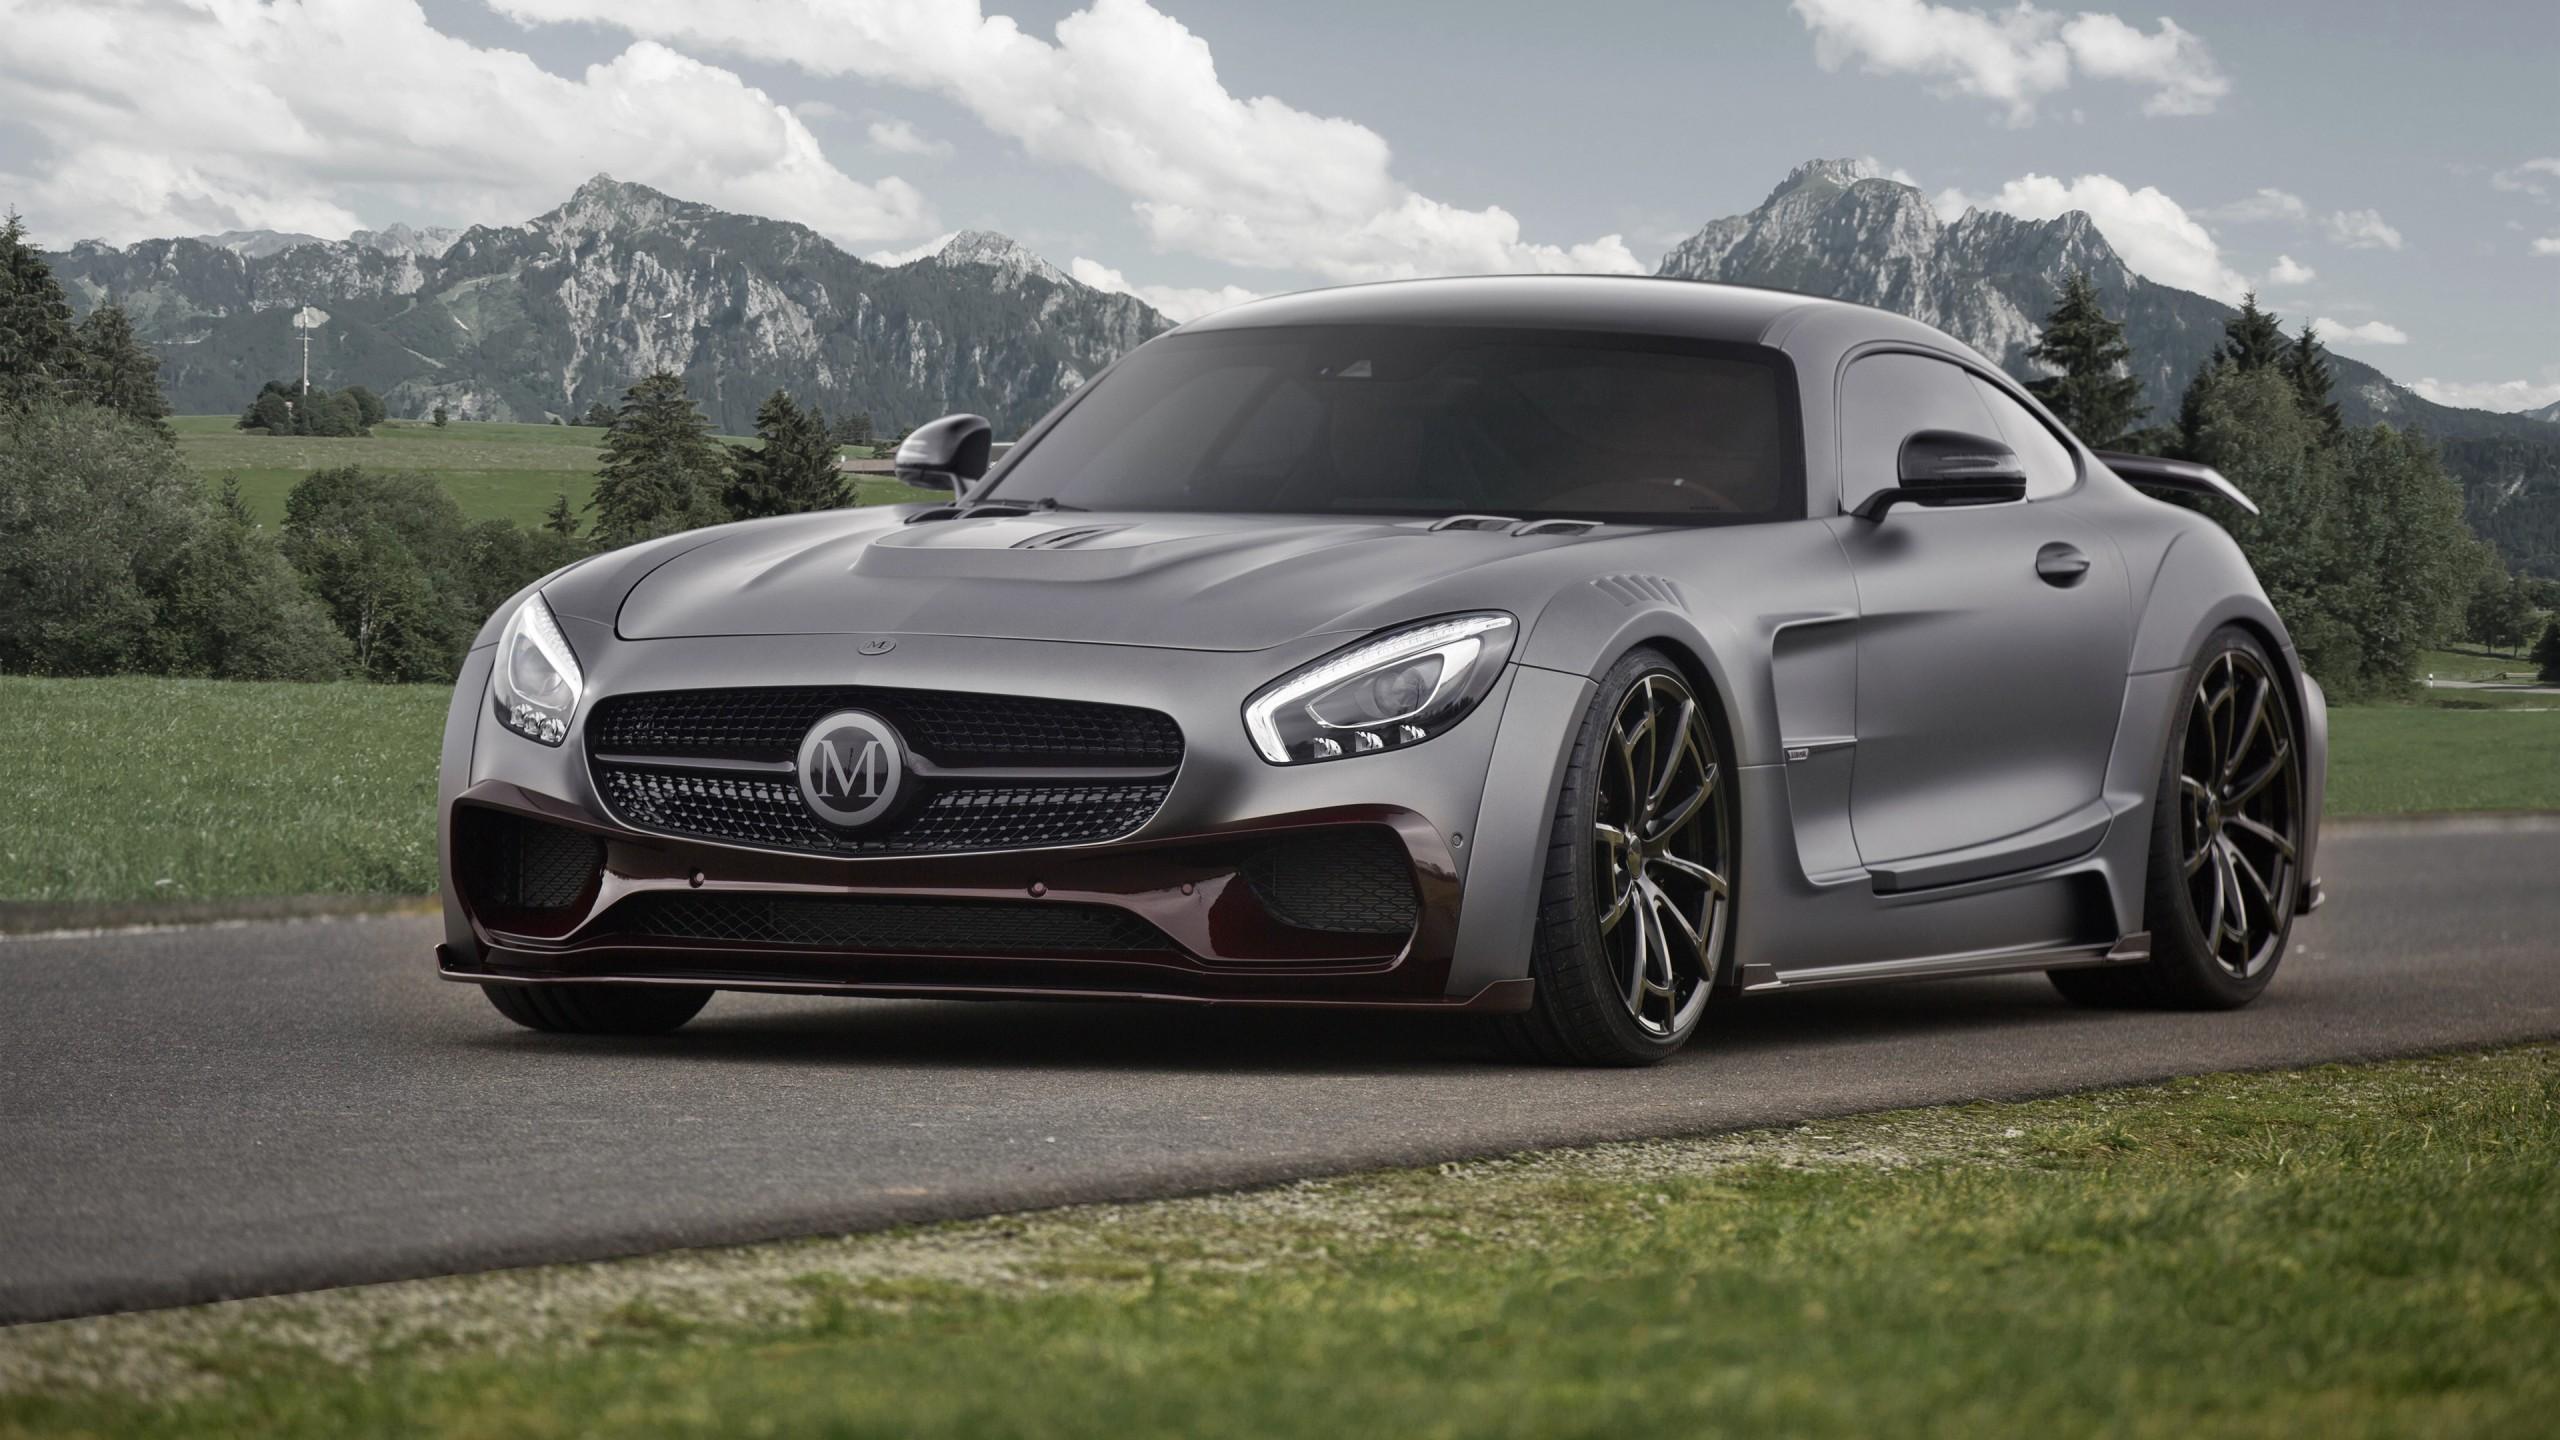 35+ Mercedes Benz Amg Gtr Wallpaper Hd Pics